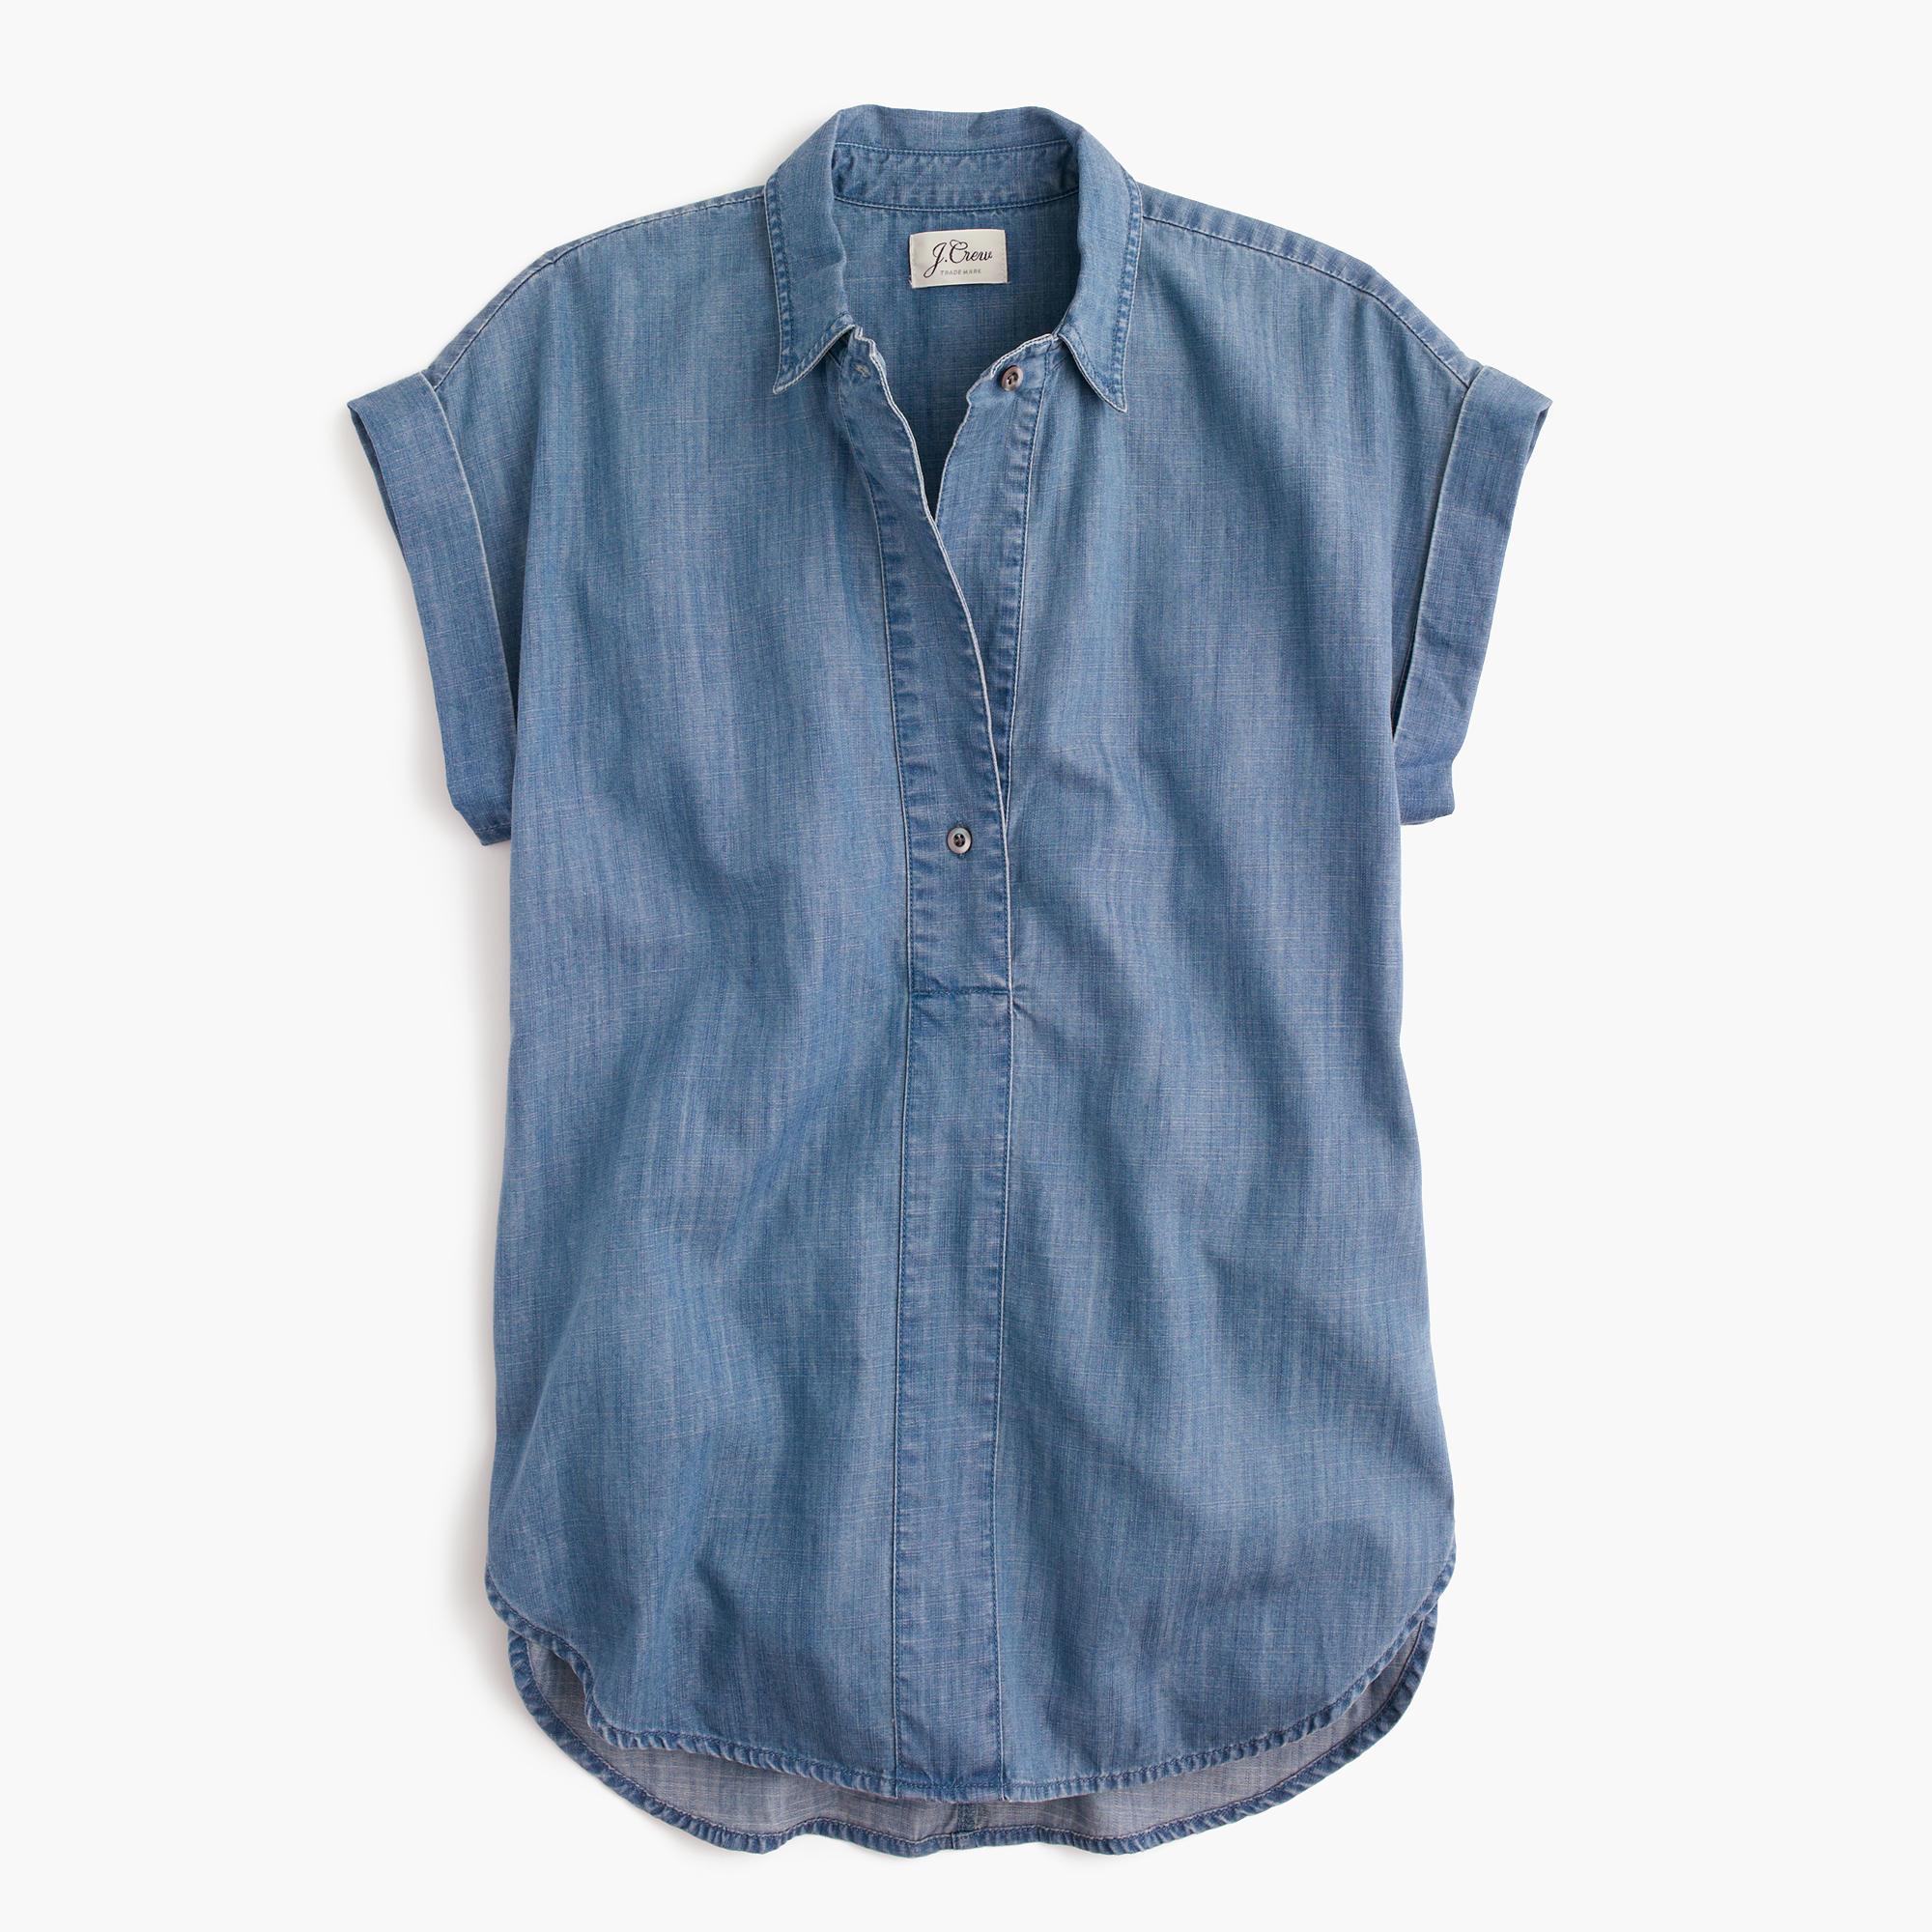 Short Sleeve Popover Shirt In Chambray Women Blouses J